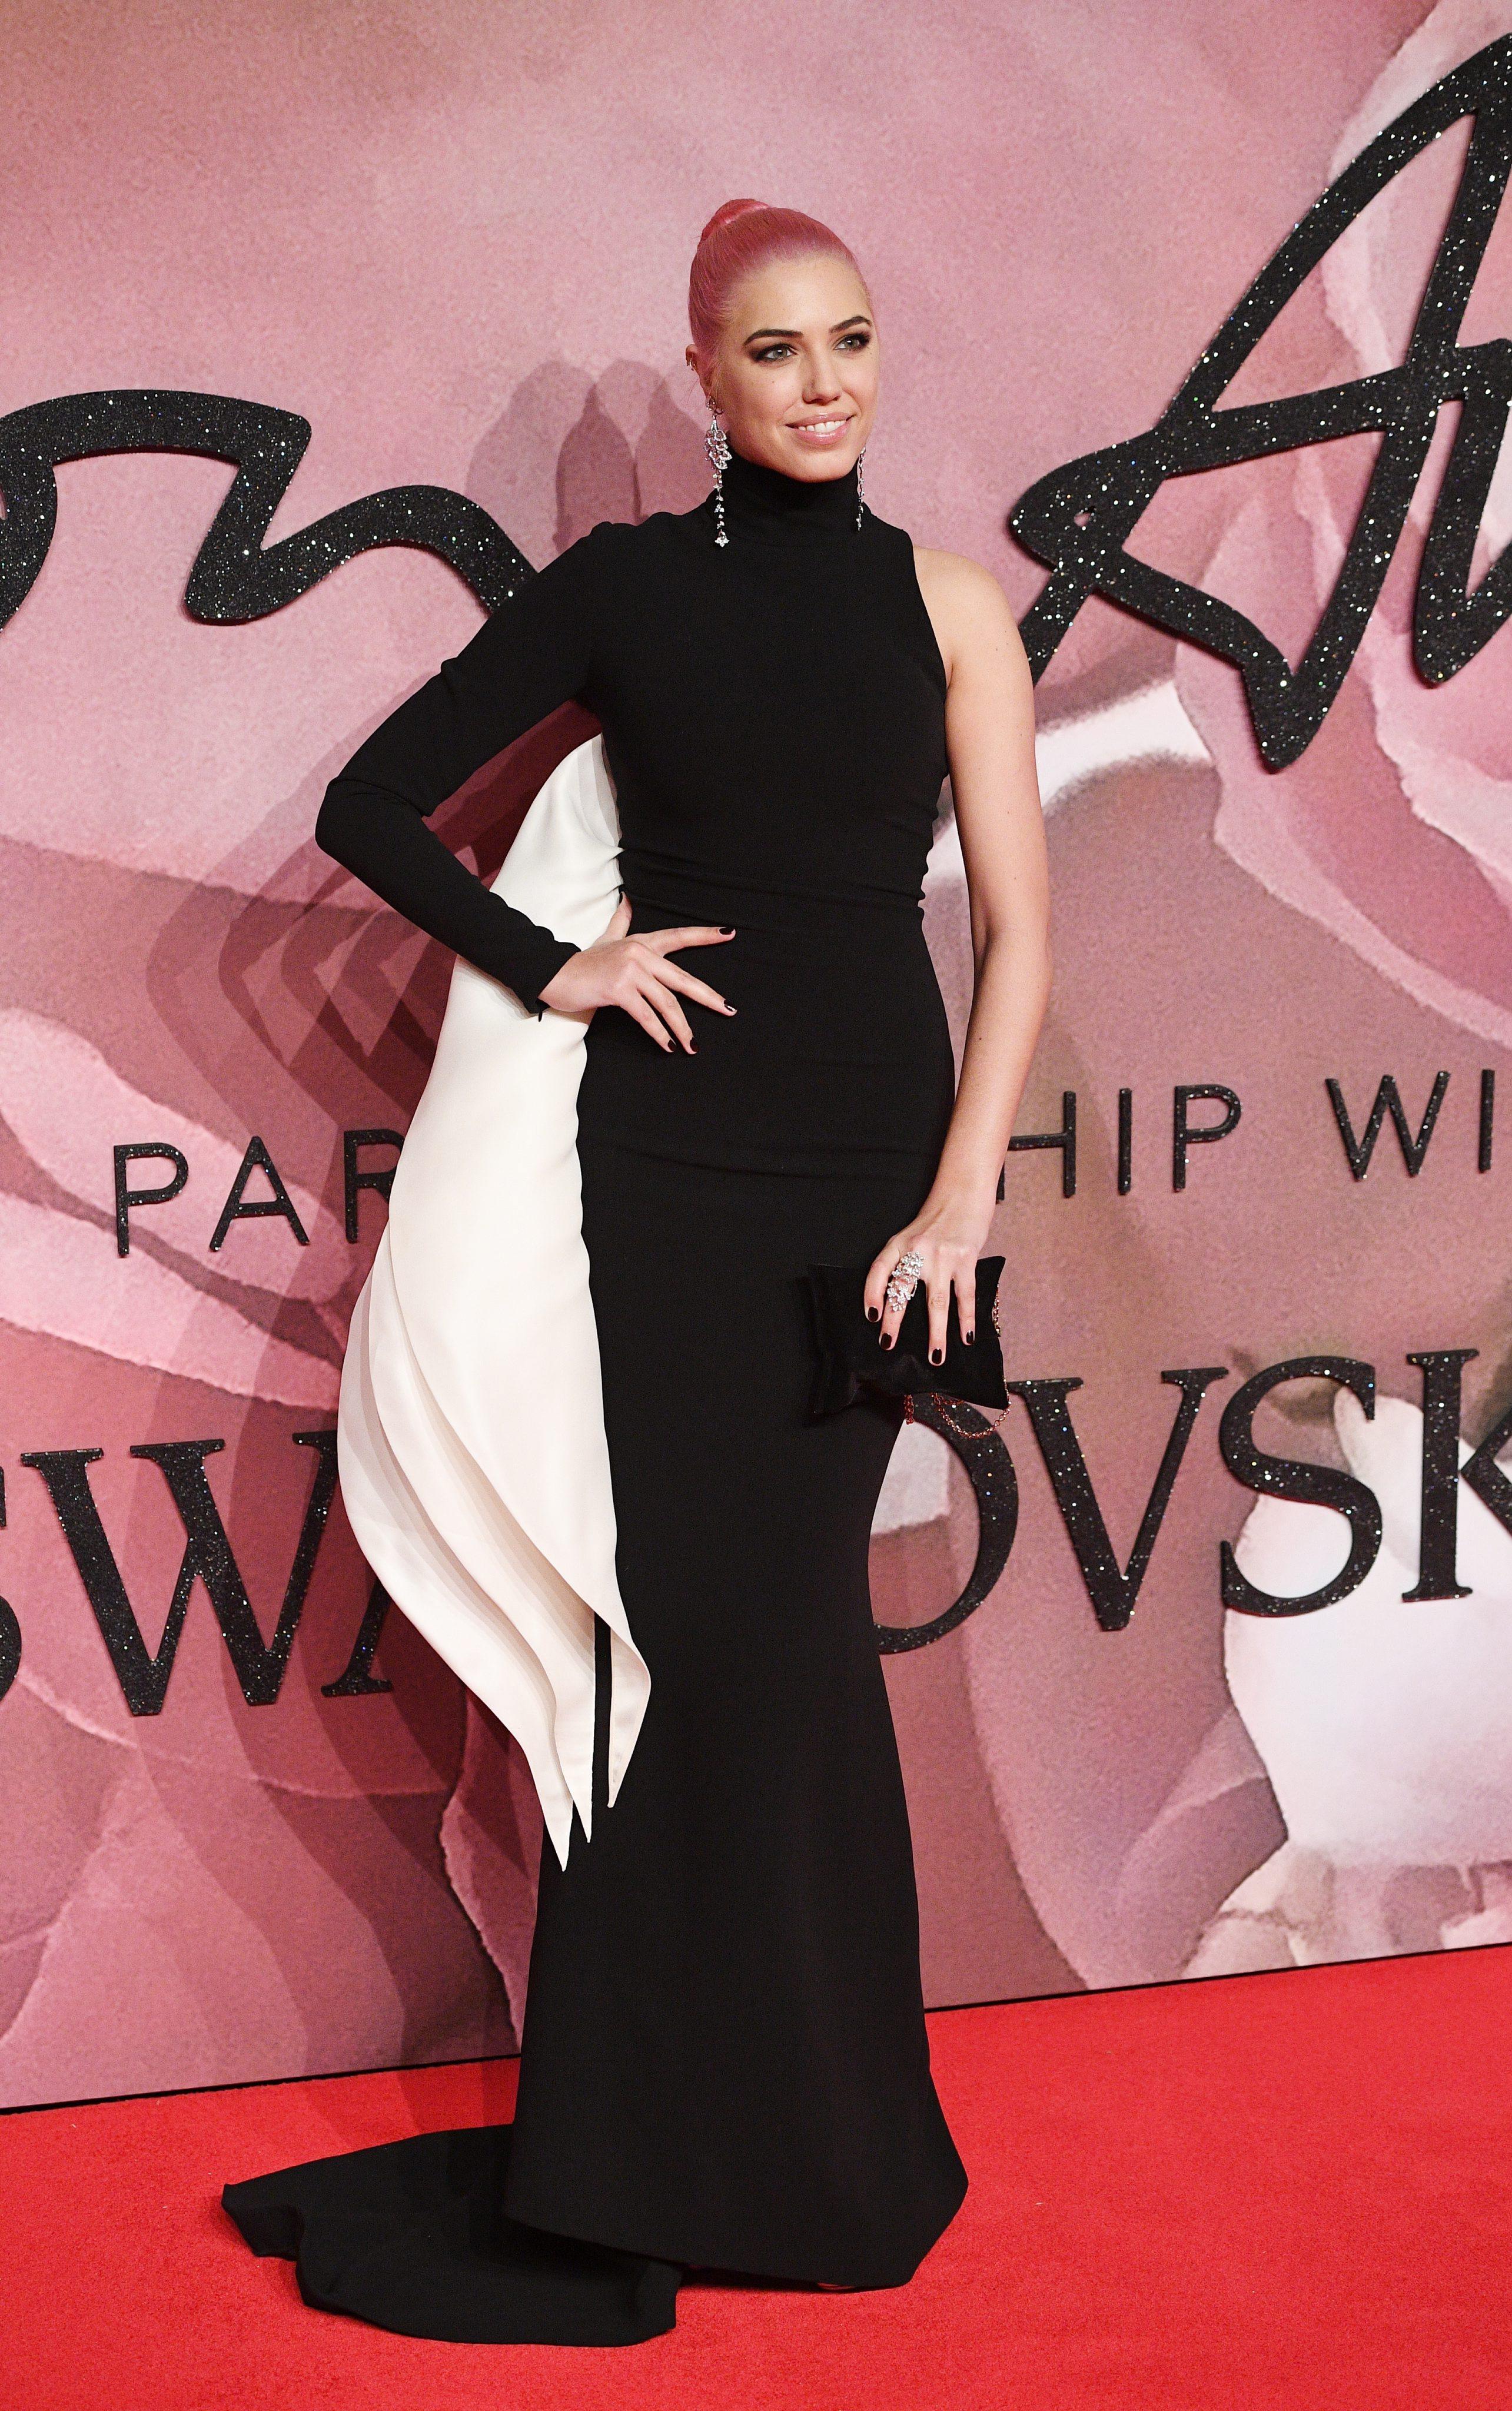 """Джиджи Хадид бе коронясана като международен модел на годината, а """"Александър Маккуин"""" бе обявен за най-добър британски моден лейбъл на церемонията за Британските модни награди за 2016 г., предаде Ройтерс. Топ дизайнери, модели и знаменитости не се уплашиха от студеното време в Лондон и минаха по червения килим пред """"Ройъл Албърт хол"""" за церемонията."""